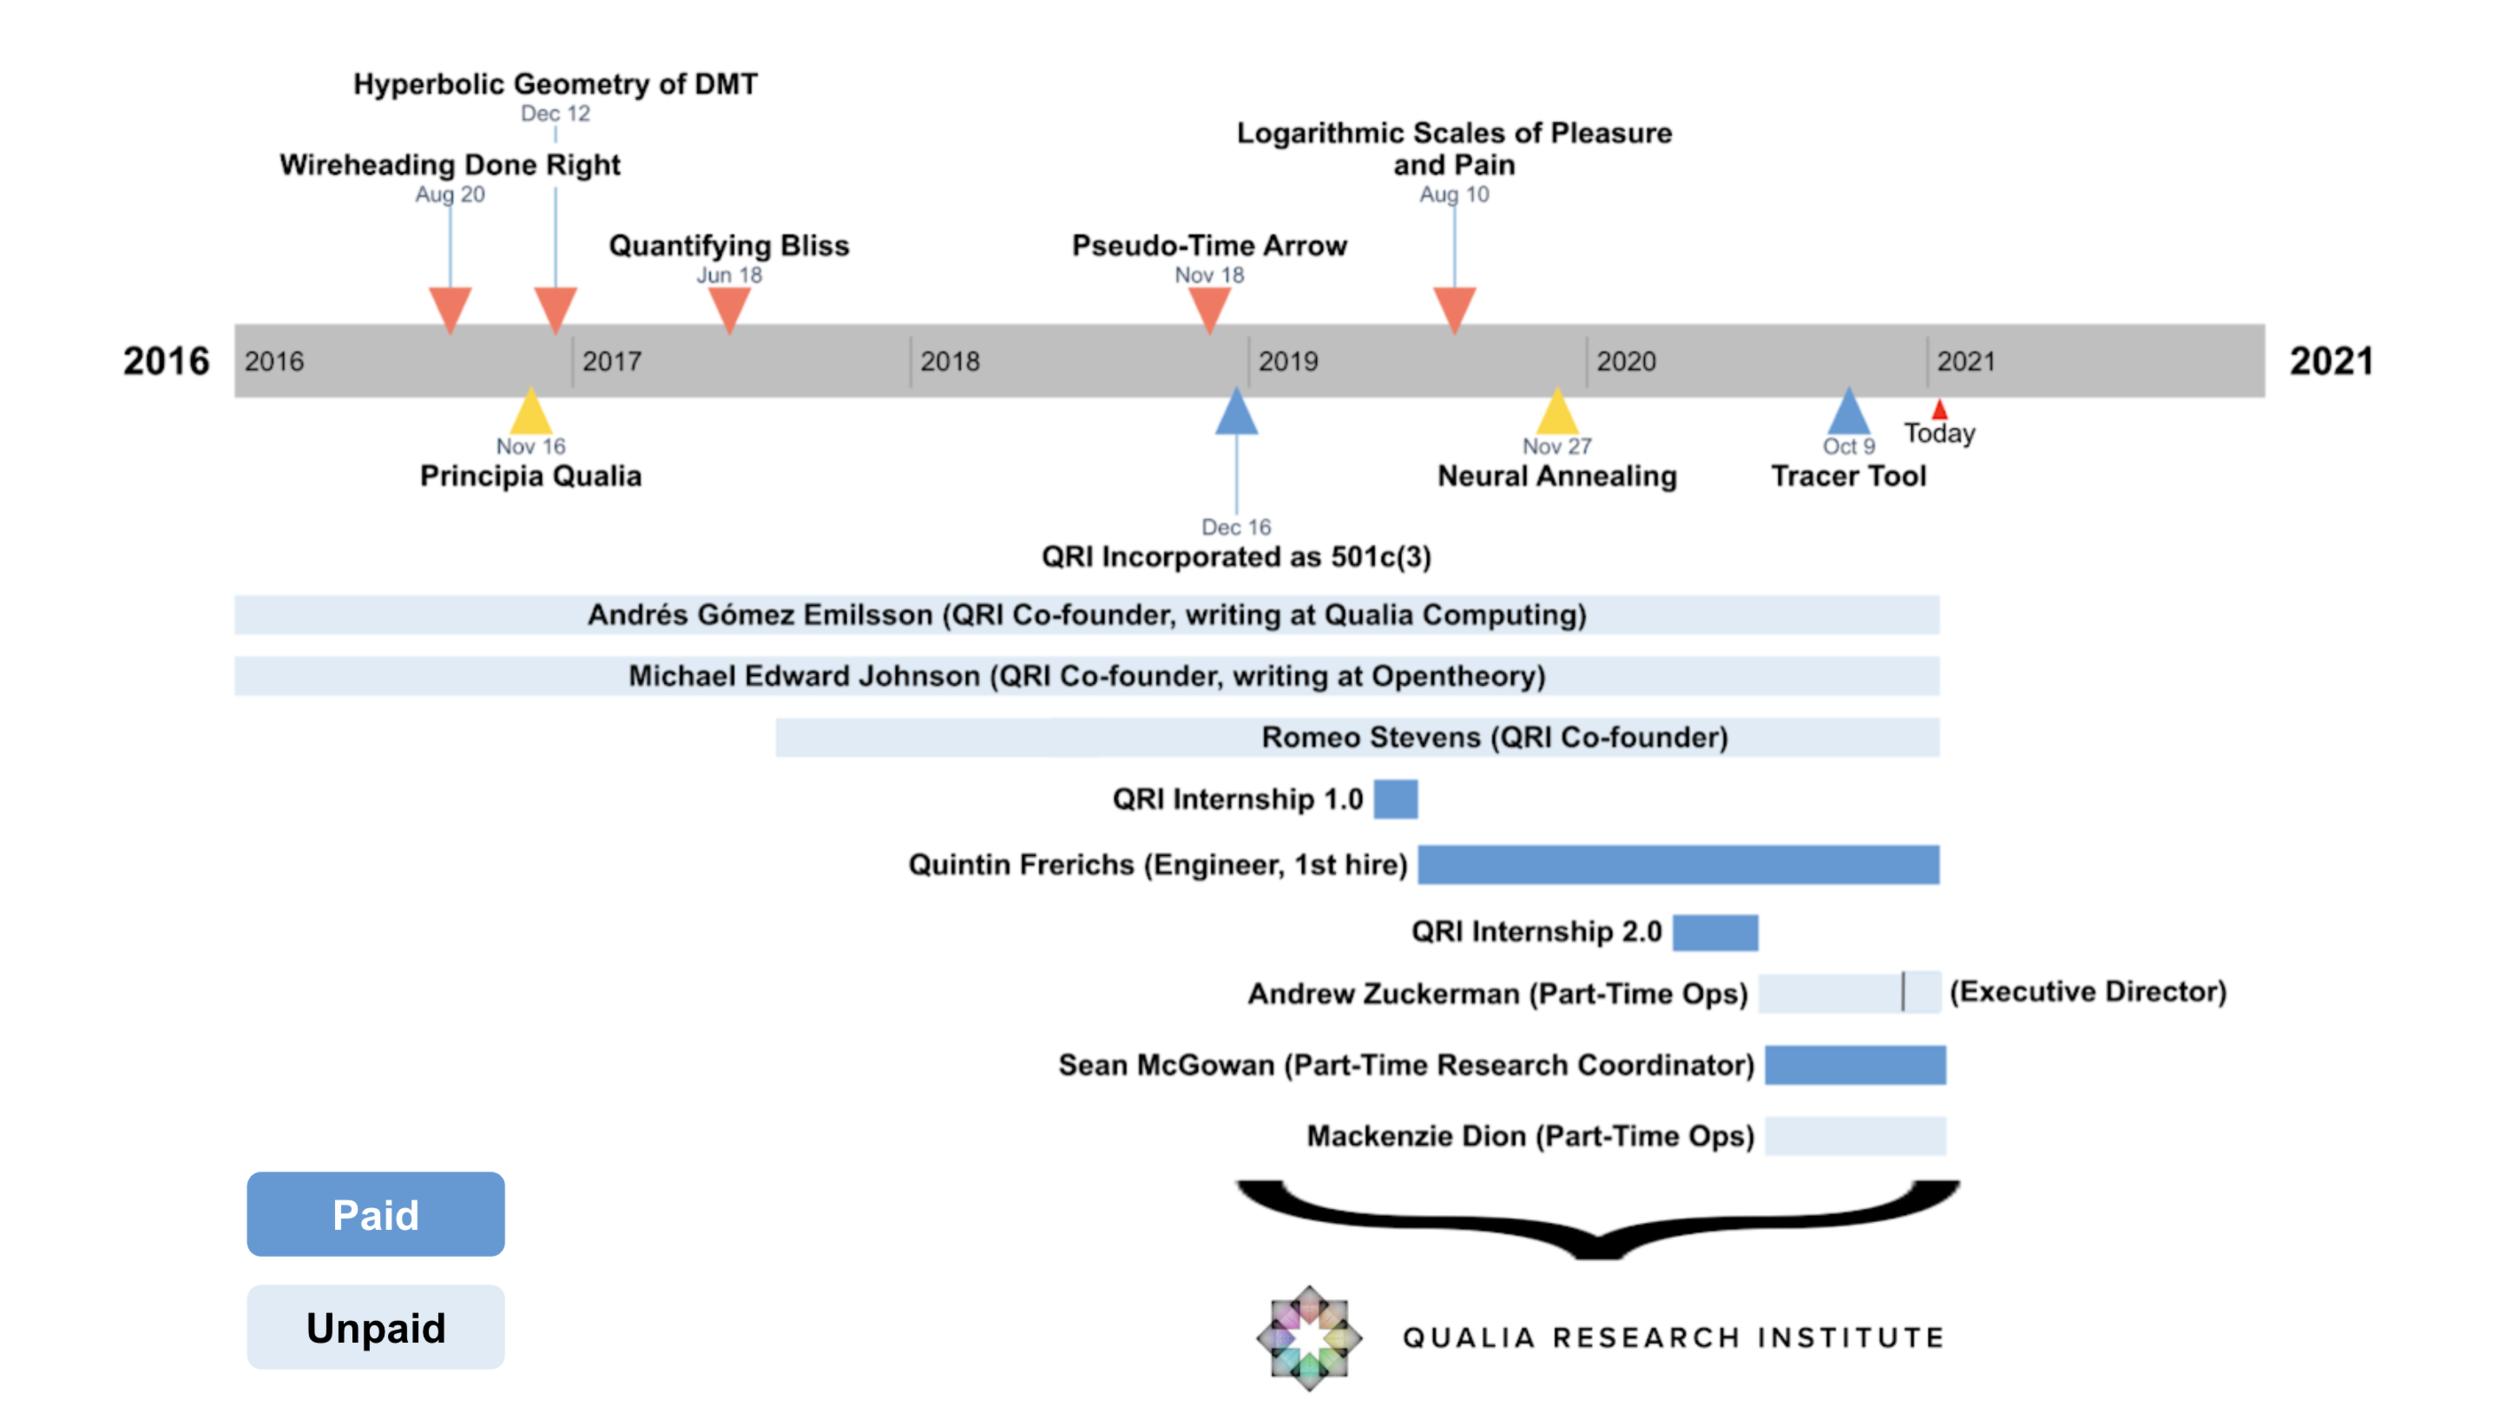 Timeline of QRI